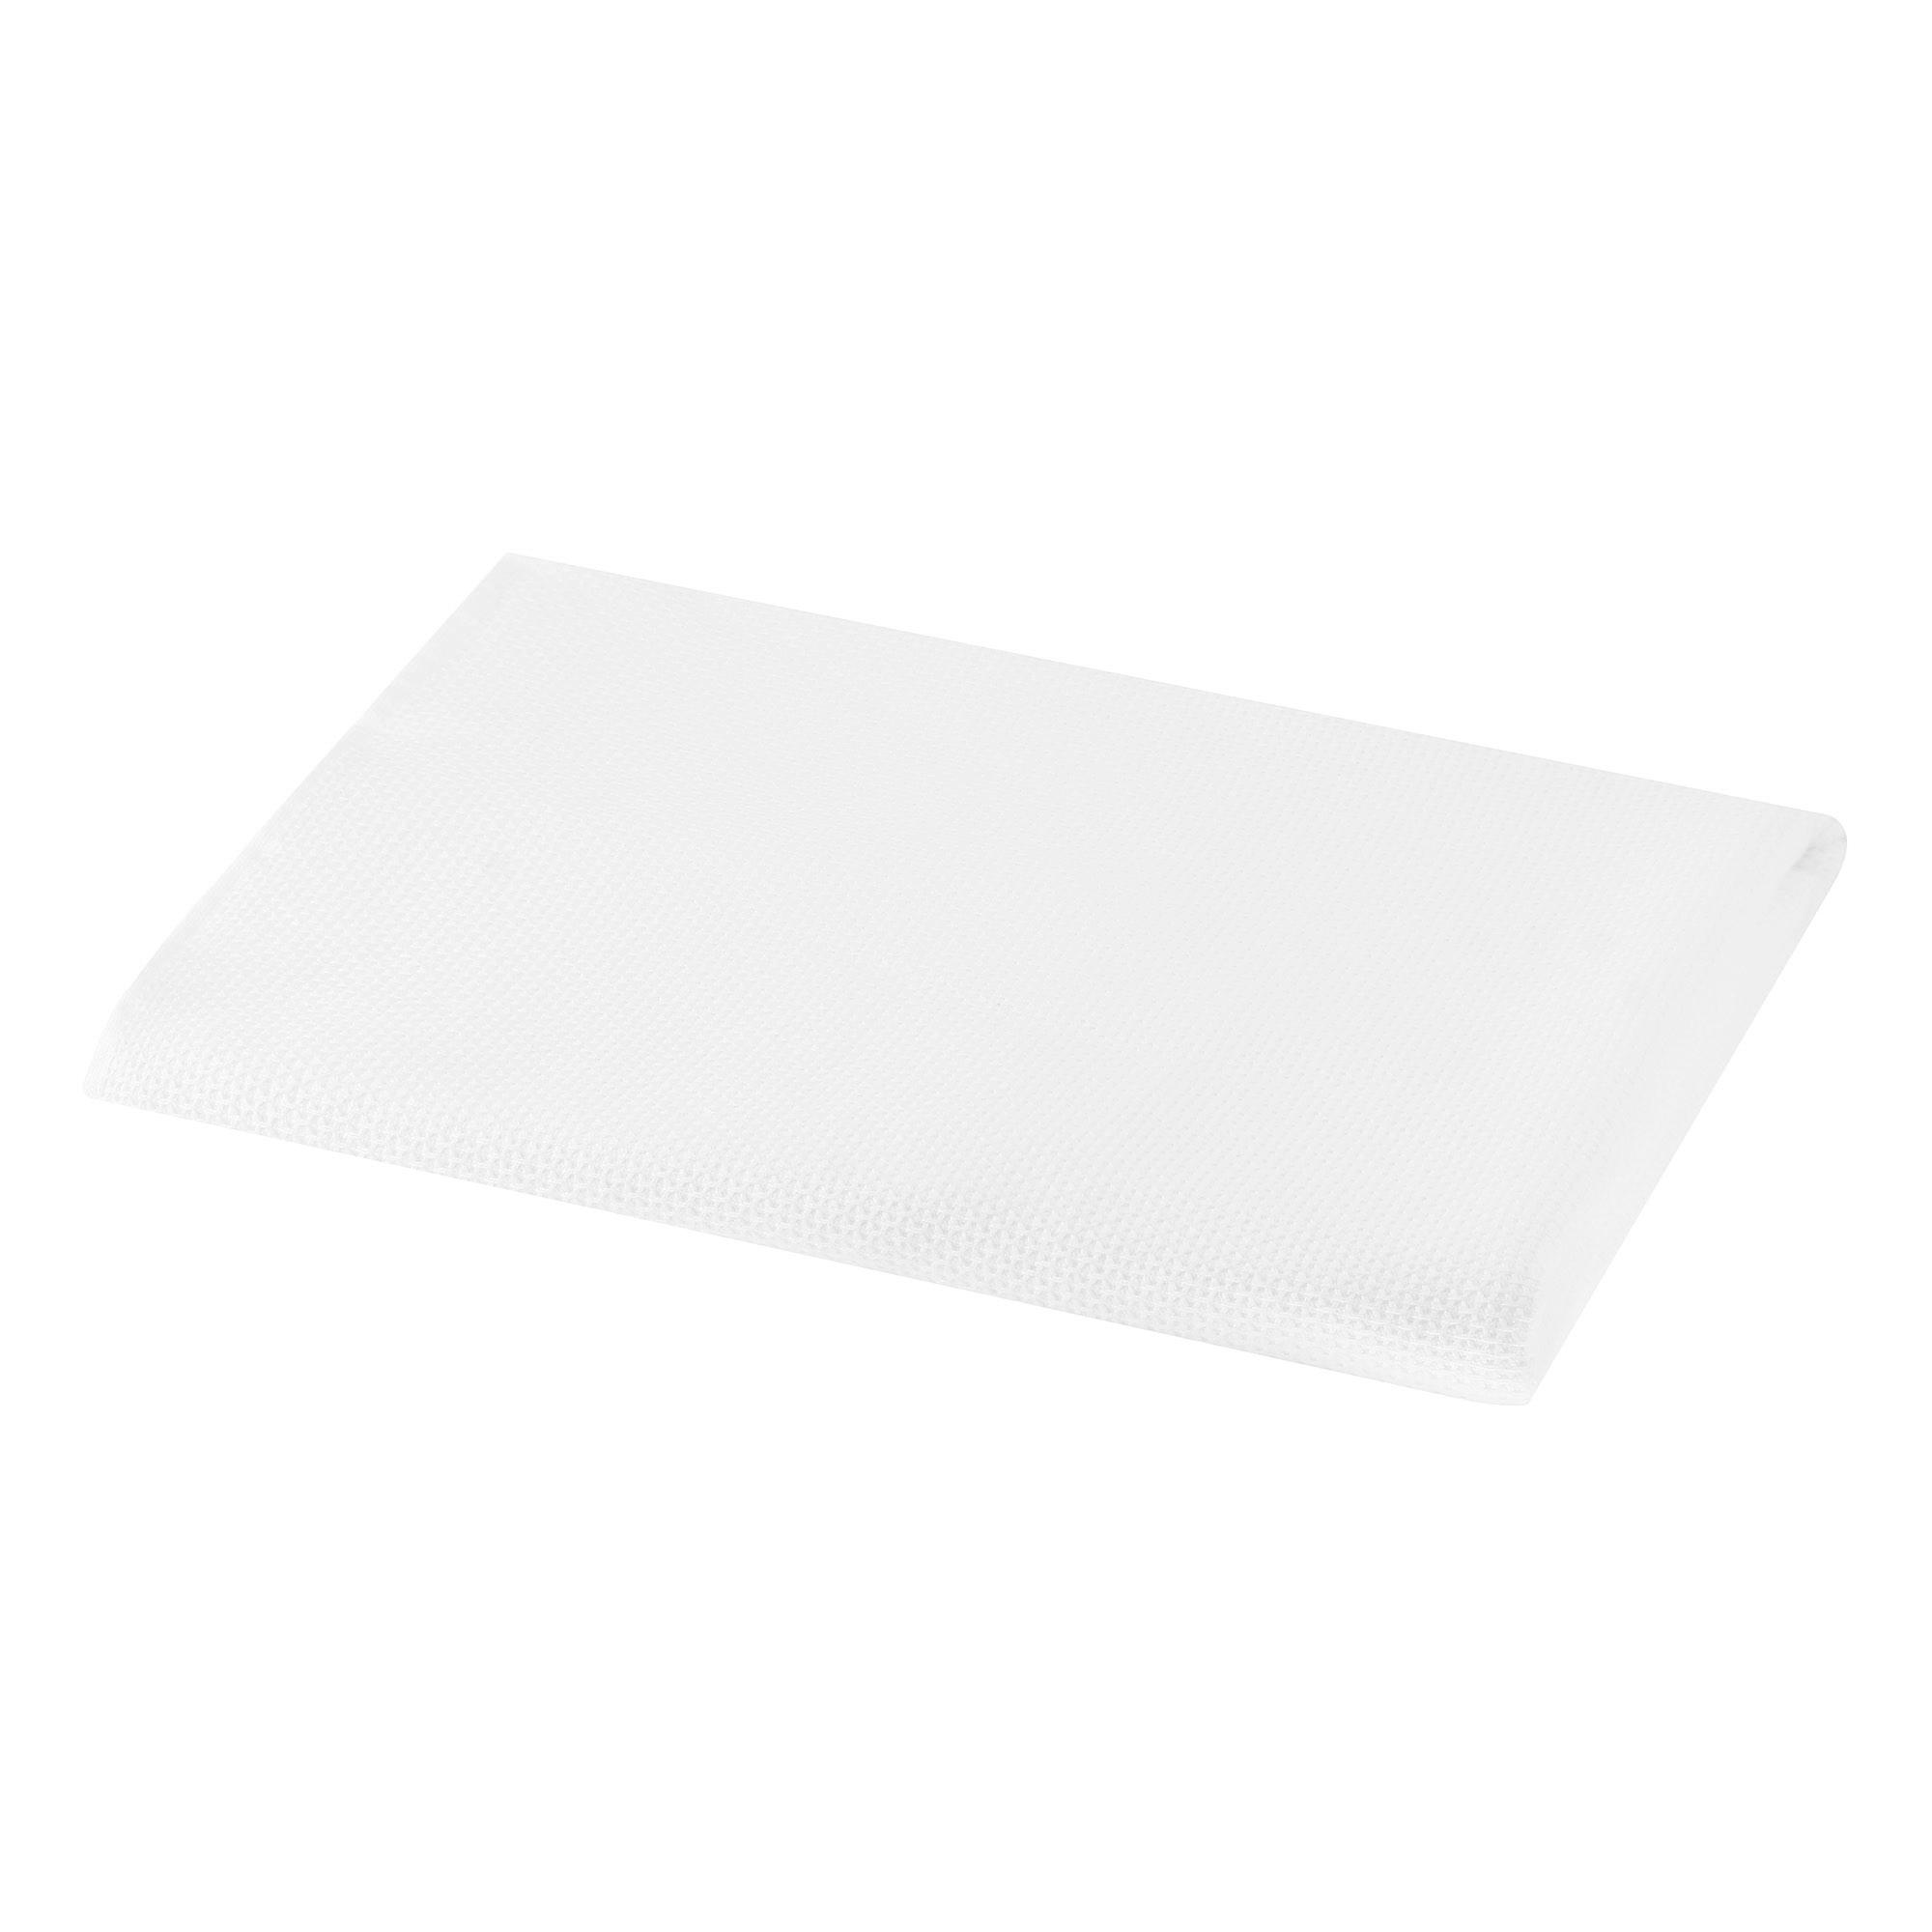 Фото - Полотенце двухстороннее Asil 100x150 white полотенце valentini 100x150 aqua 1228